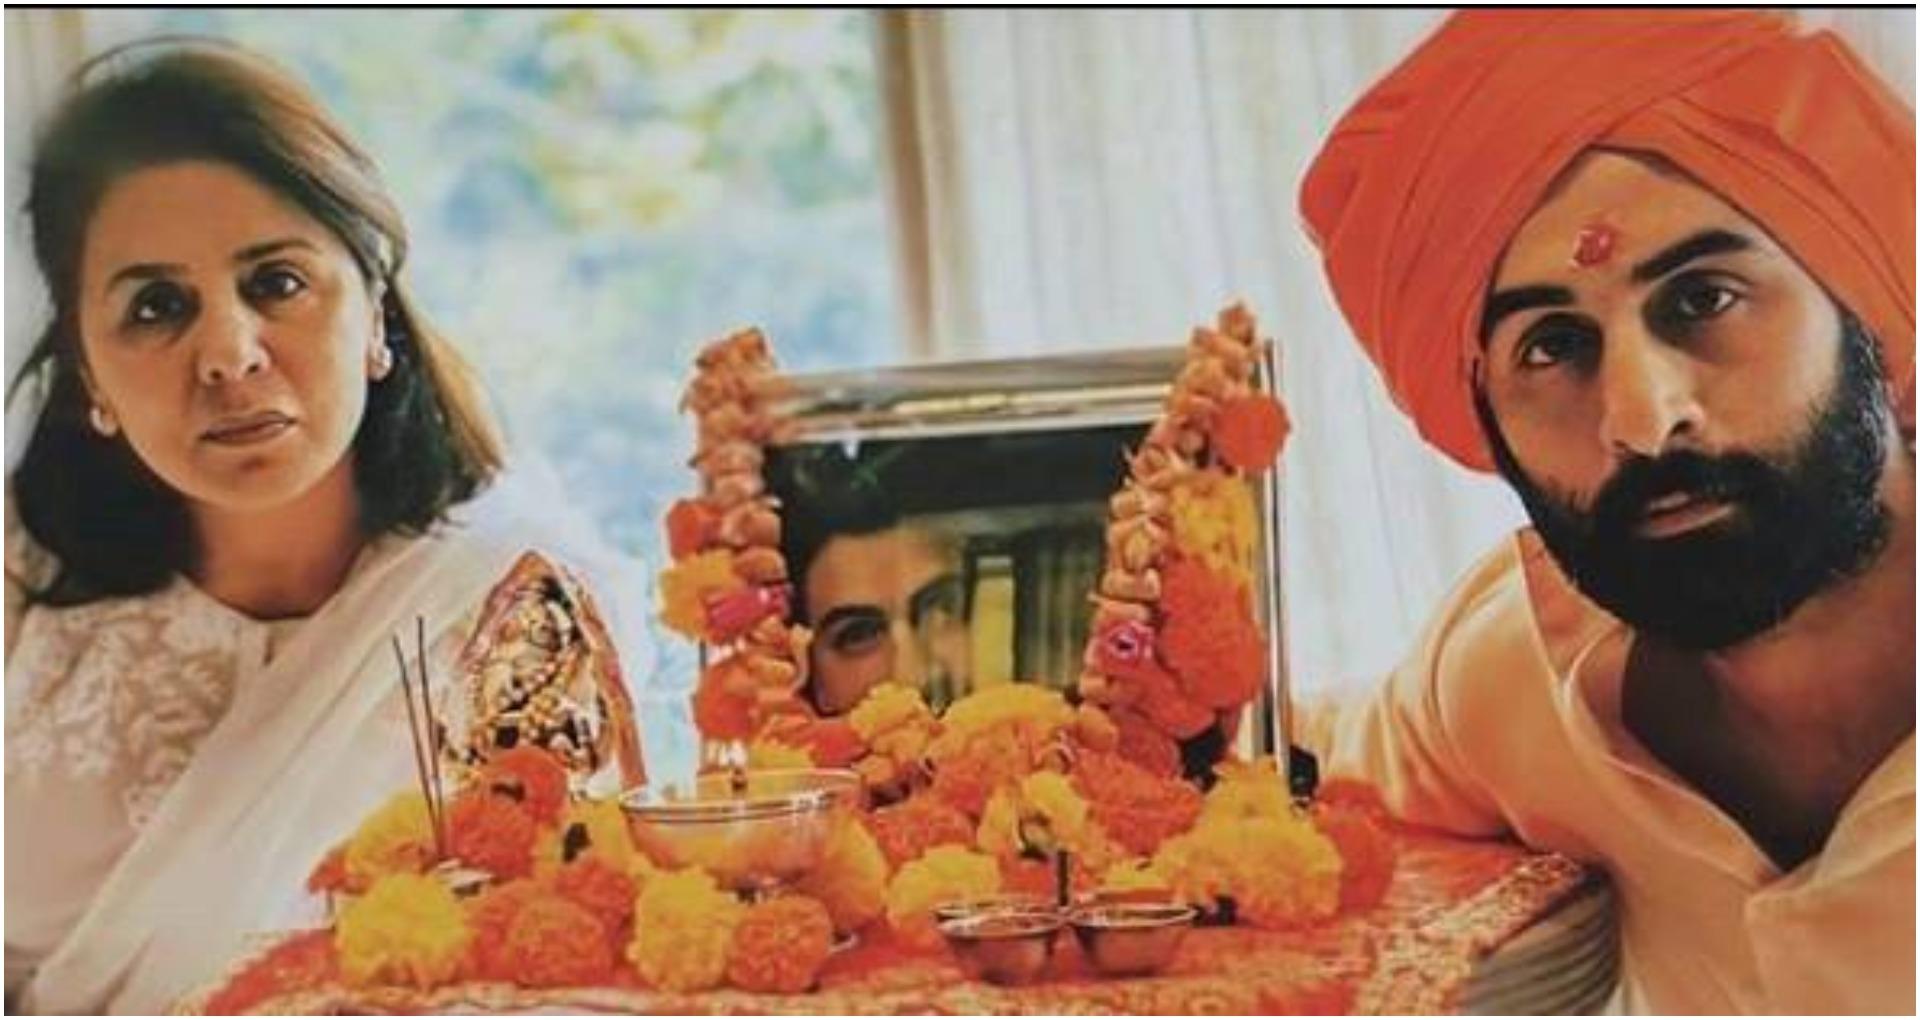 Rishi Kapoor Demise: ऋषि कपूर की याद में नीतू कपूर और रणबीर कपूर ने अपने घर पर आयोजित की प्रार्थना सभा